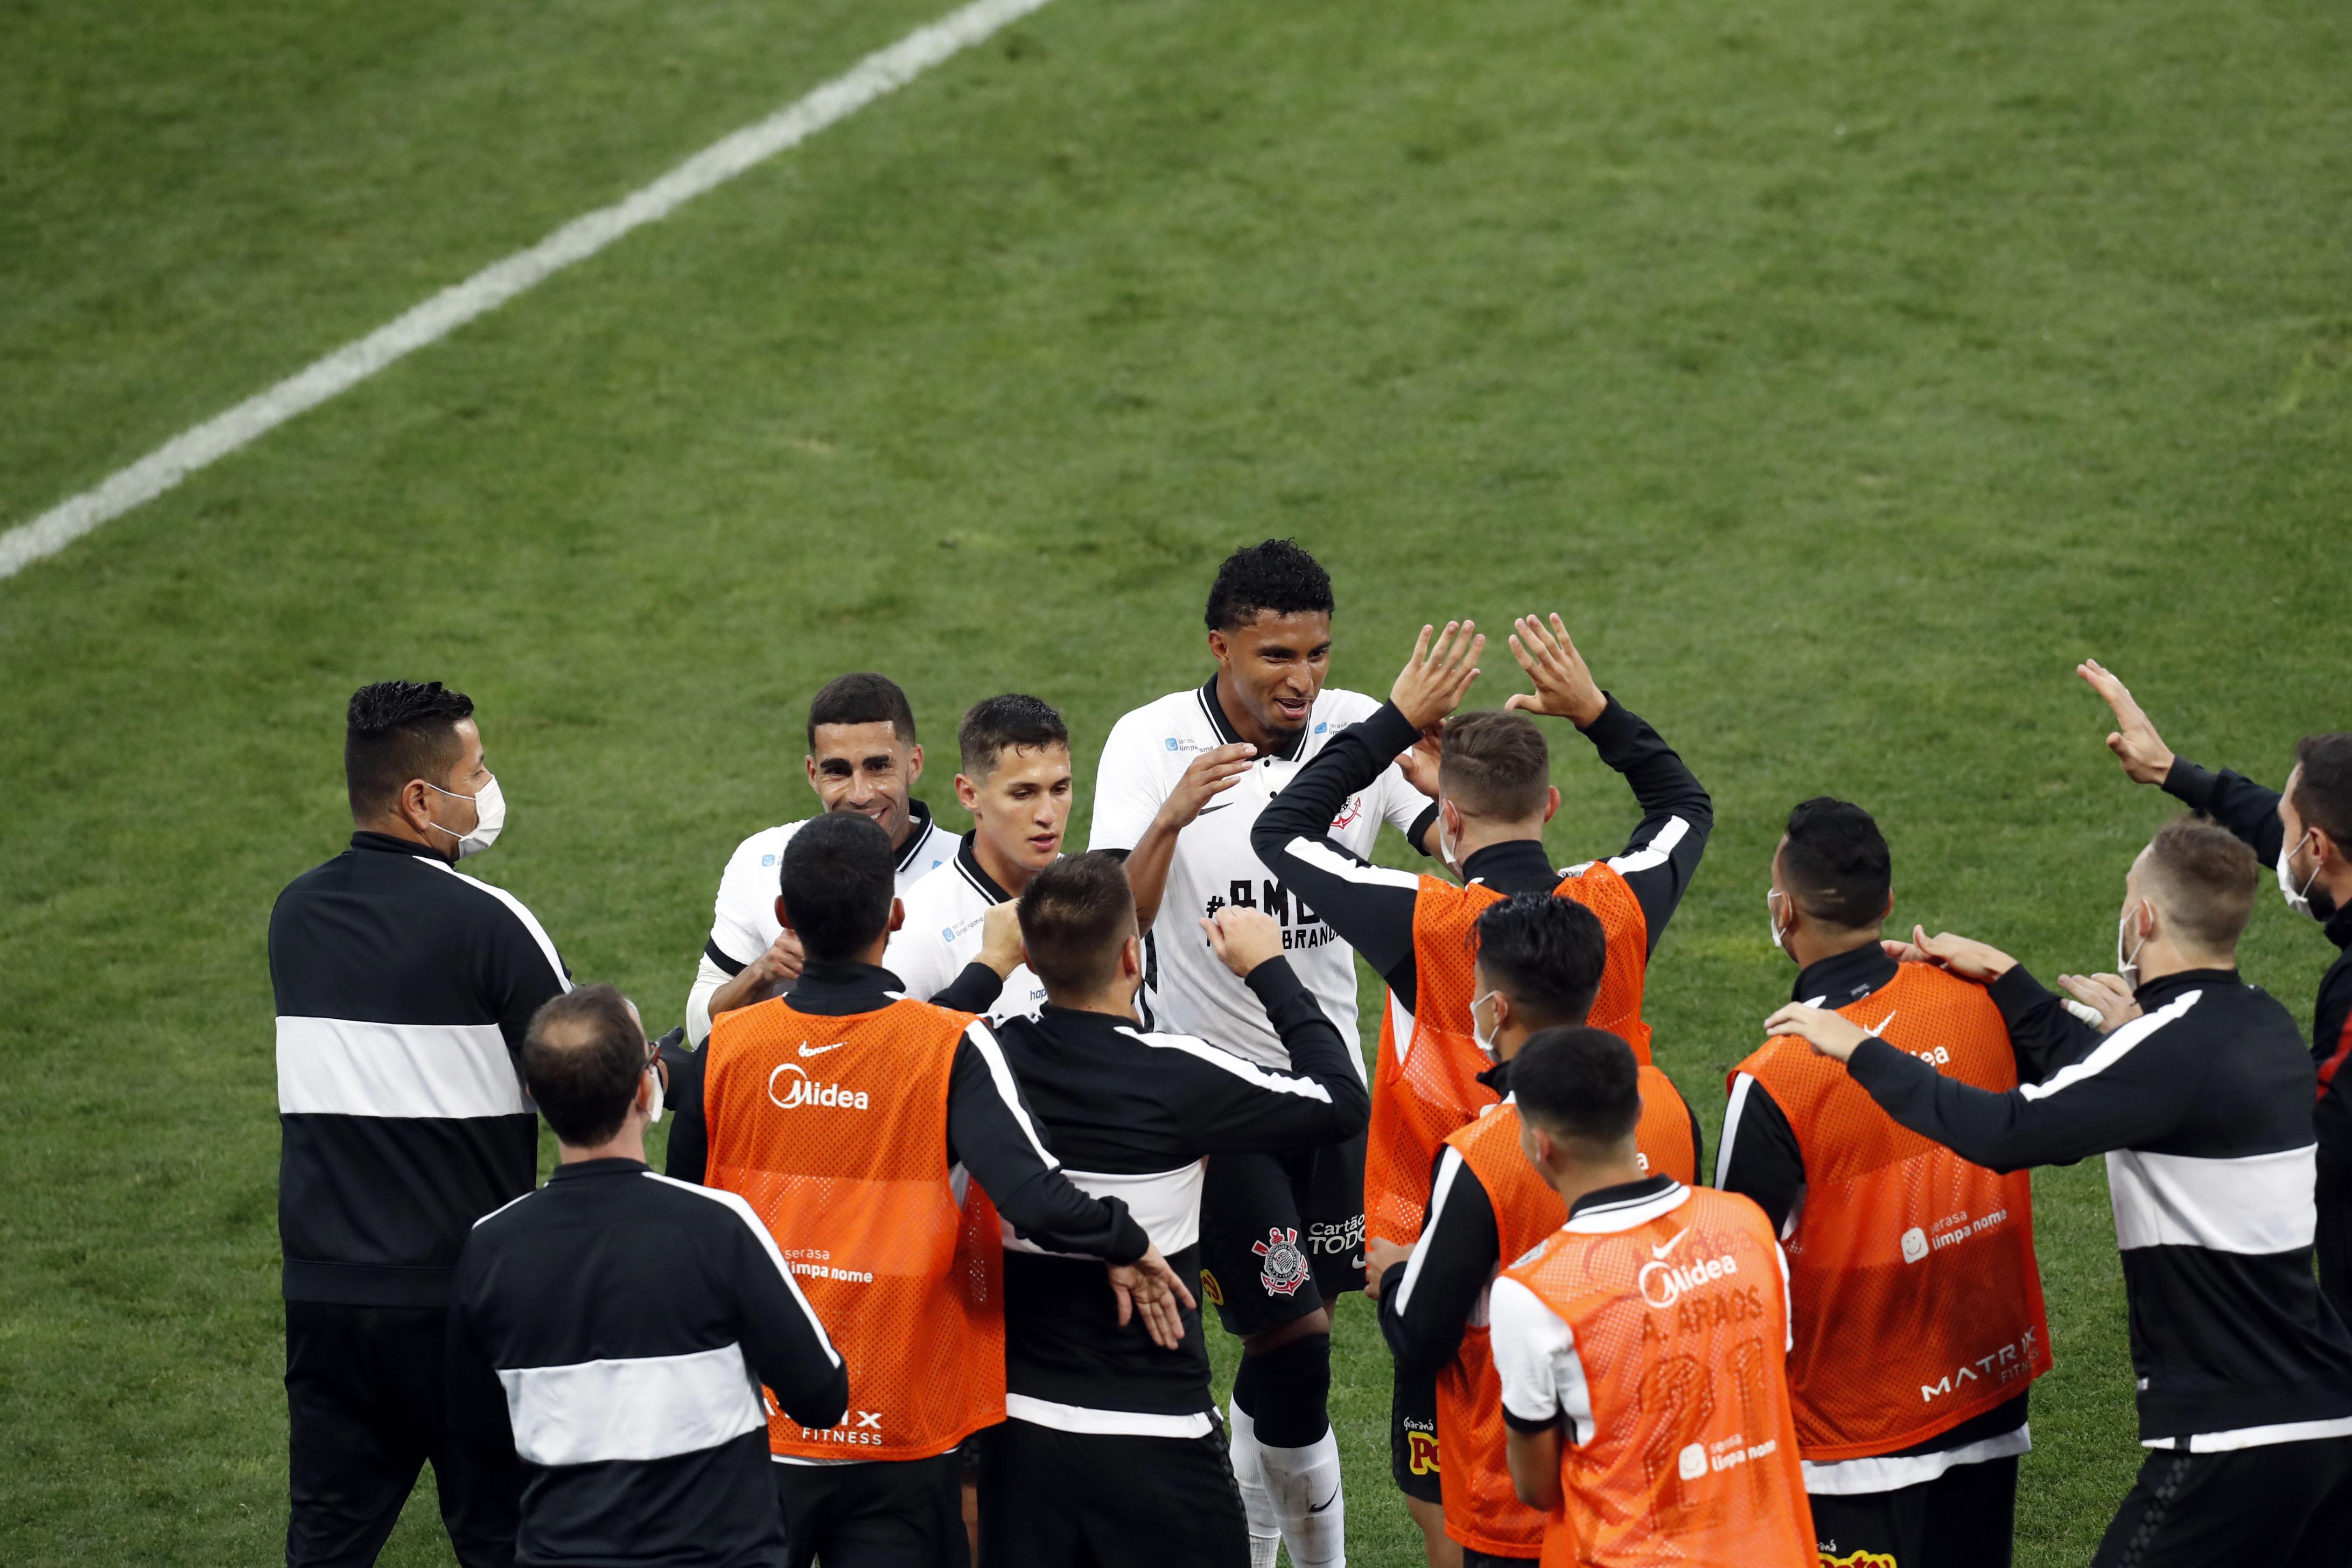 Jogadores do Corinthians comemoram gol na semi-final do Campeonato Paulista